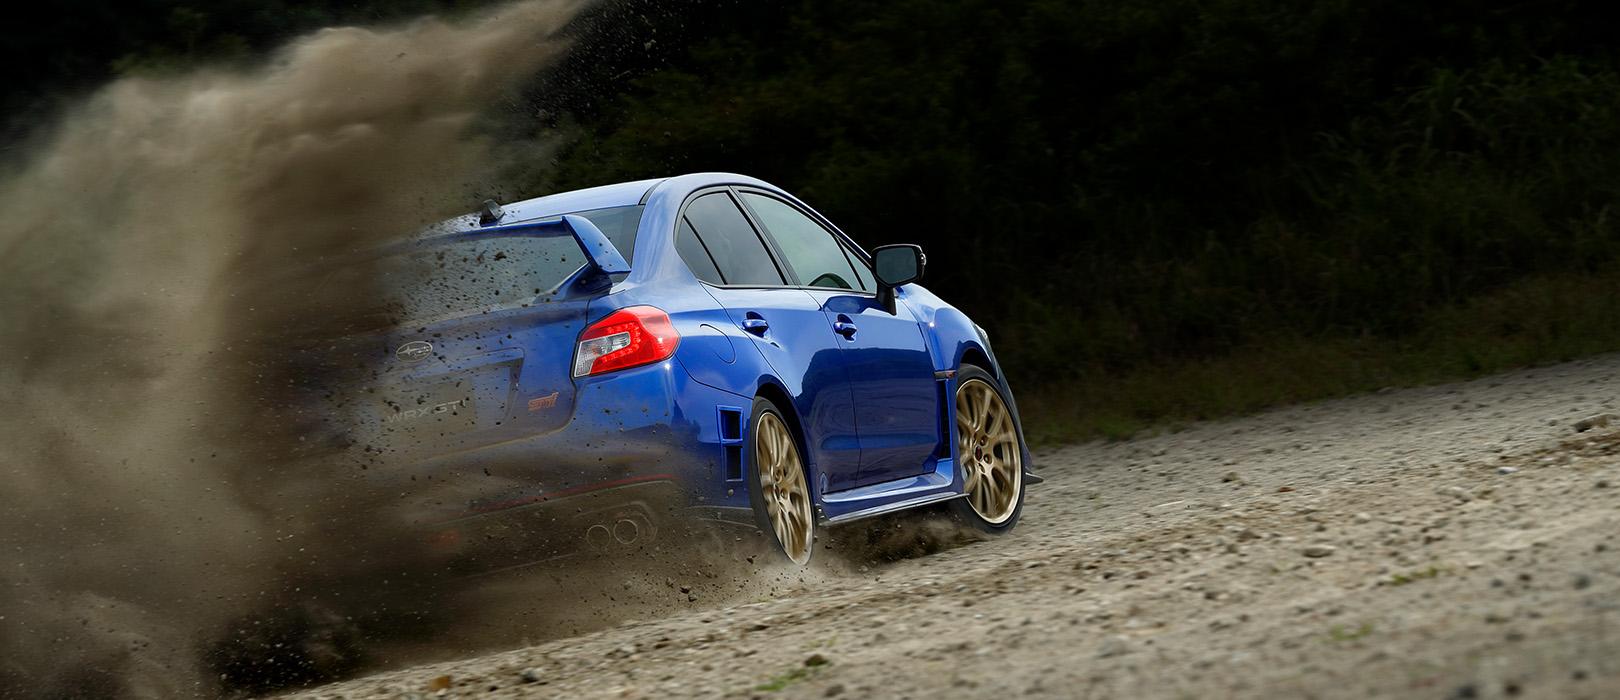 Subaru_WRX_STI_EJ20_Final_Edition_0000